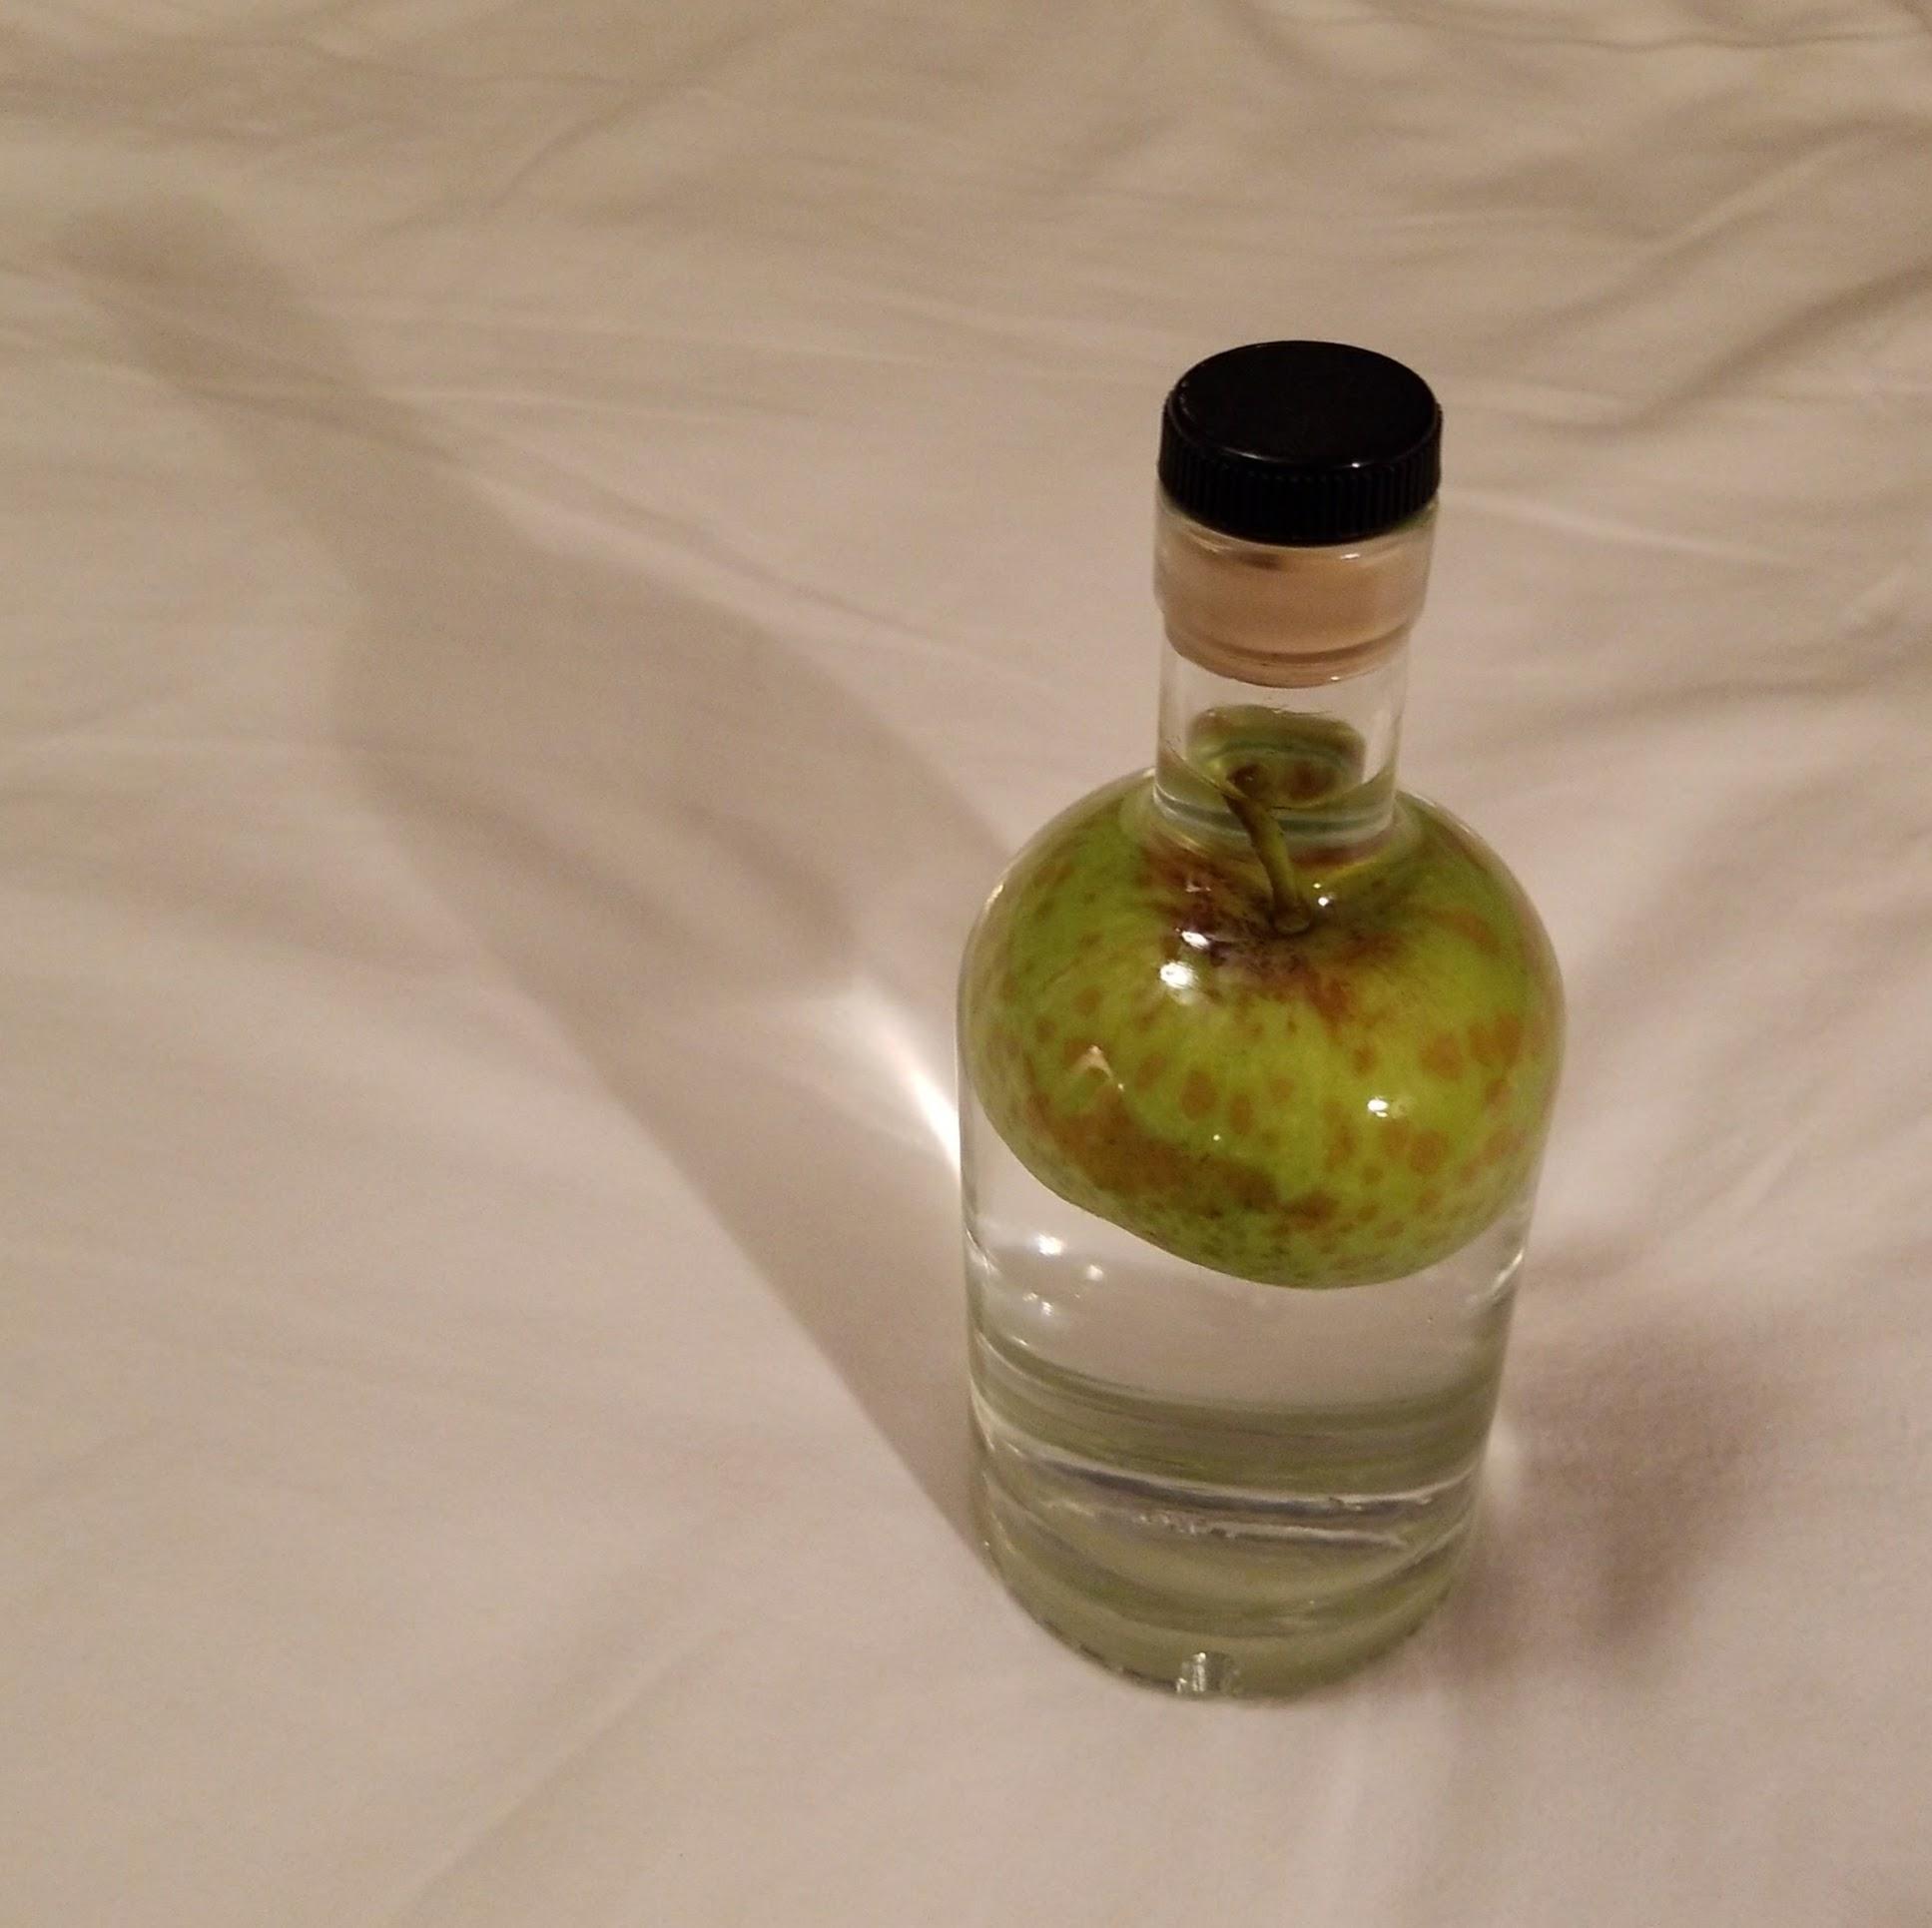 Apple in Bottle.jpg